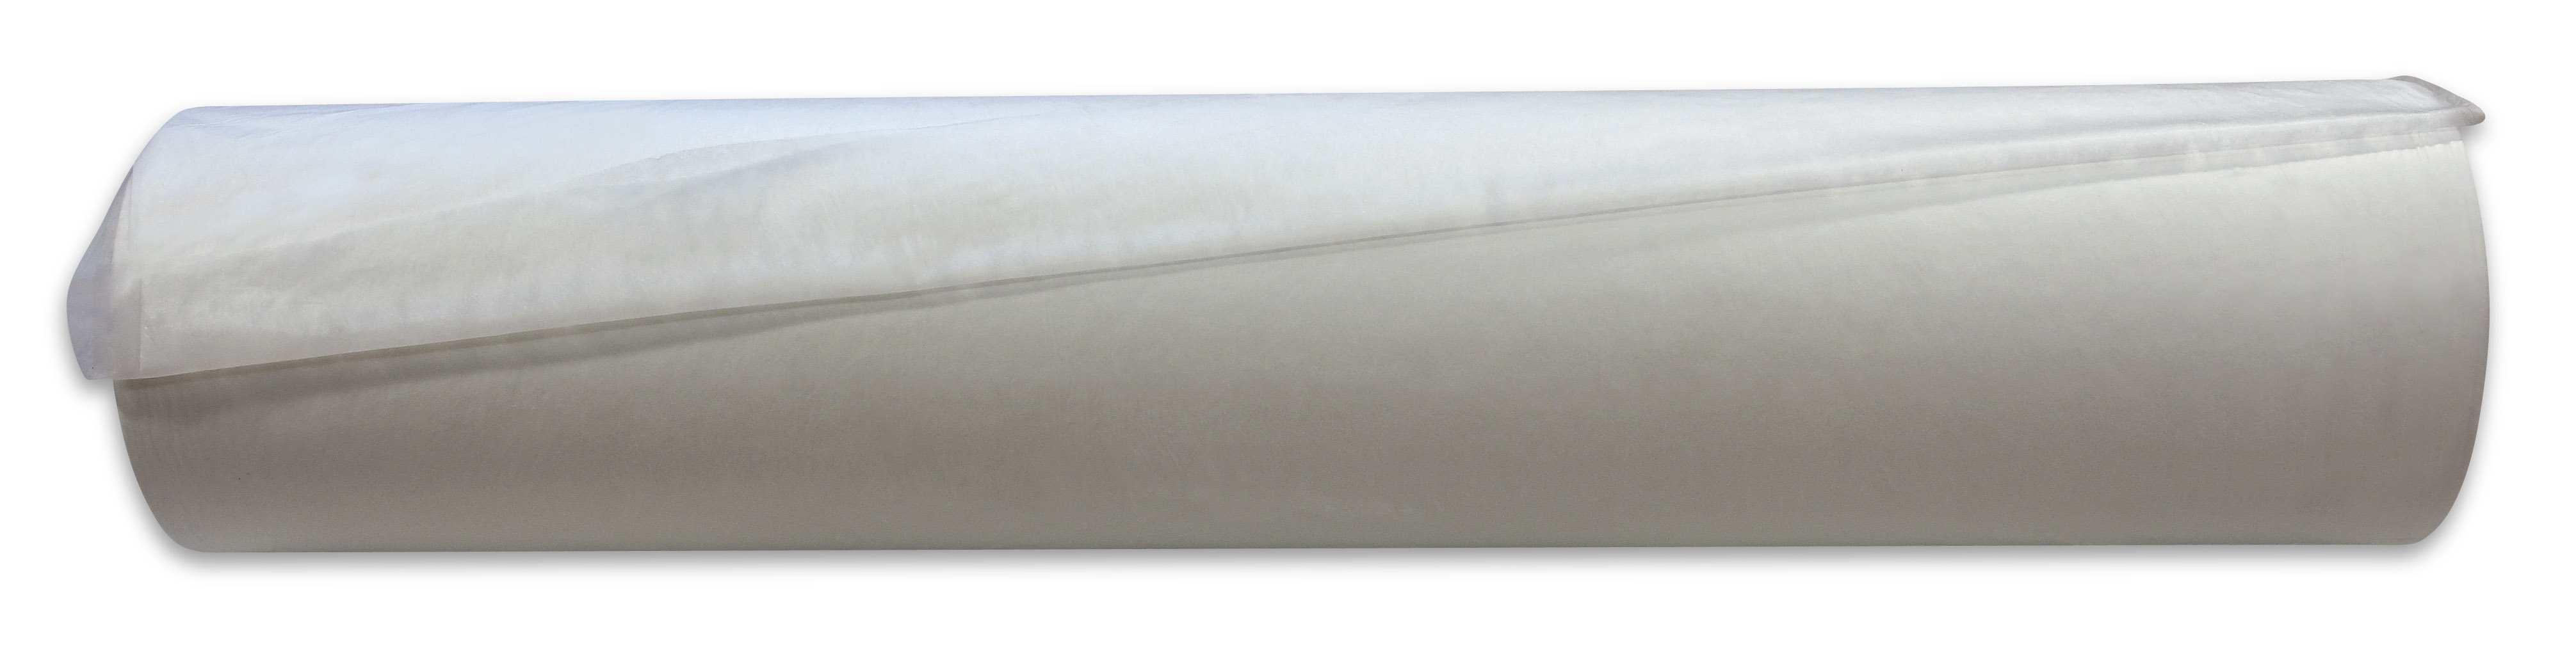 Netkaná textilie bílá 1,6 x 250m, 17g/m2